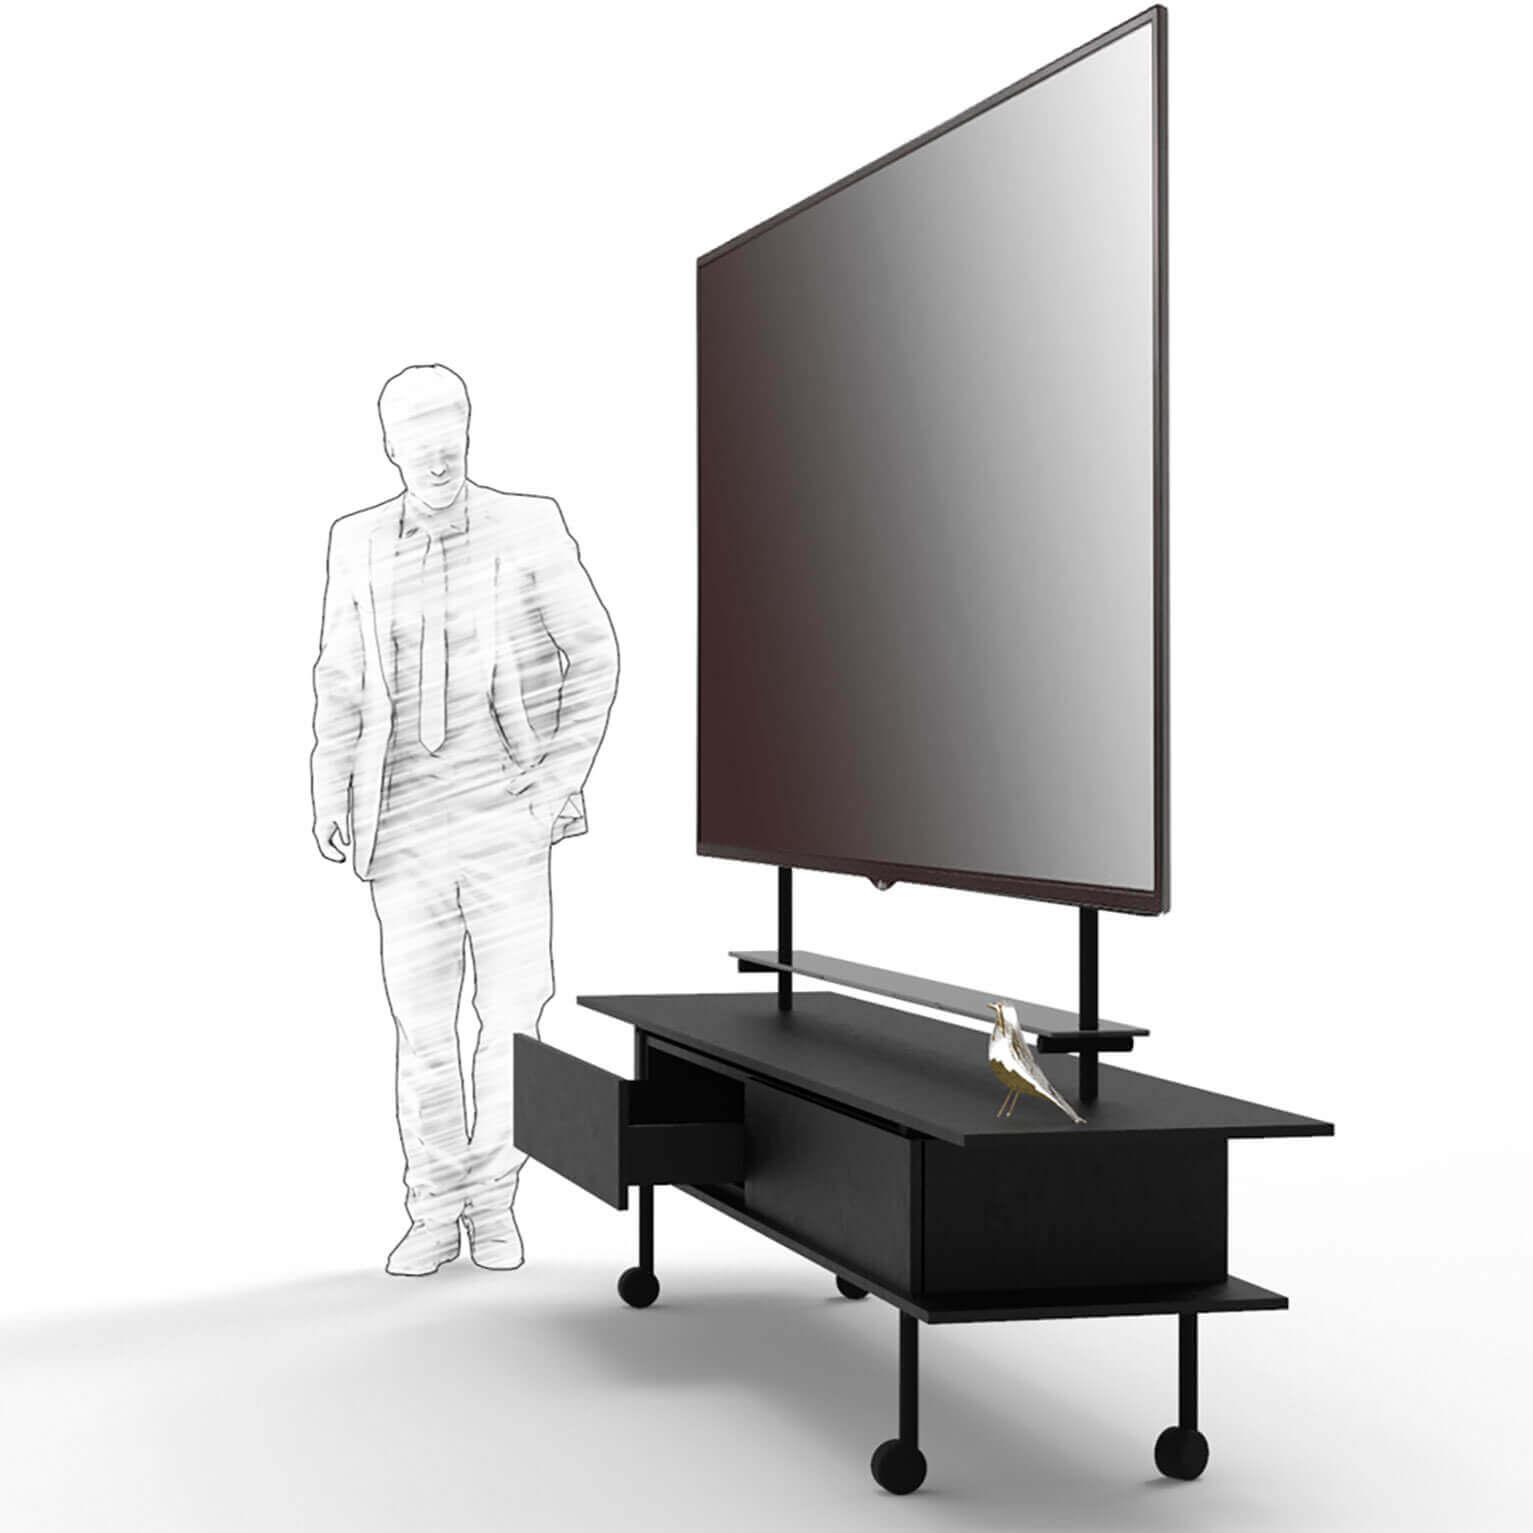 Een stijlvol LCD scherm meubelontwerp